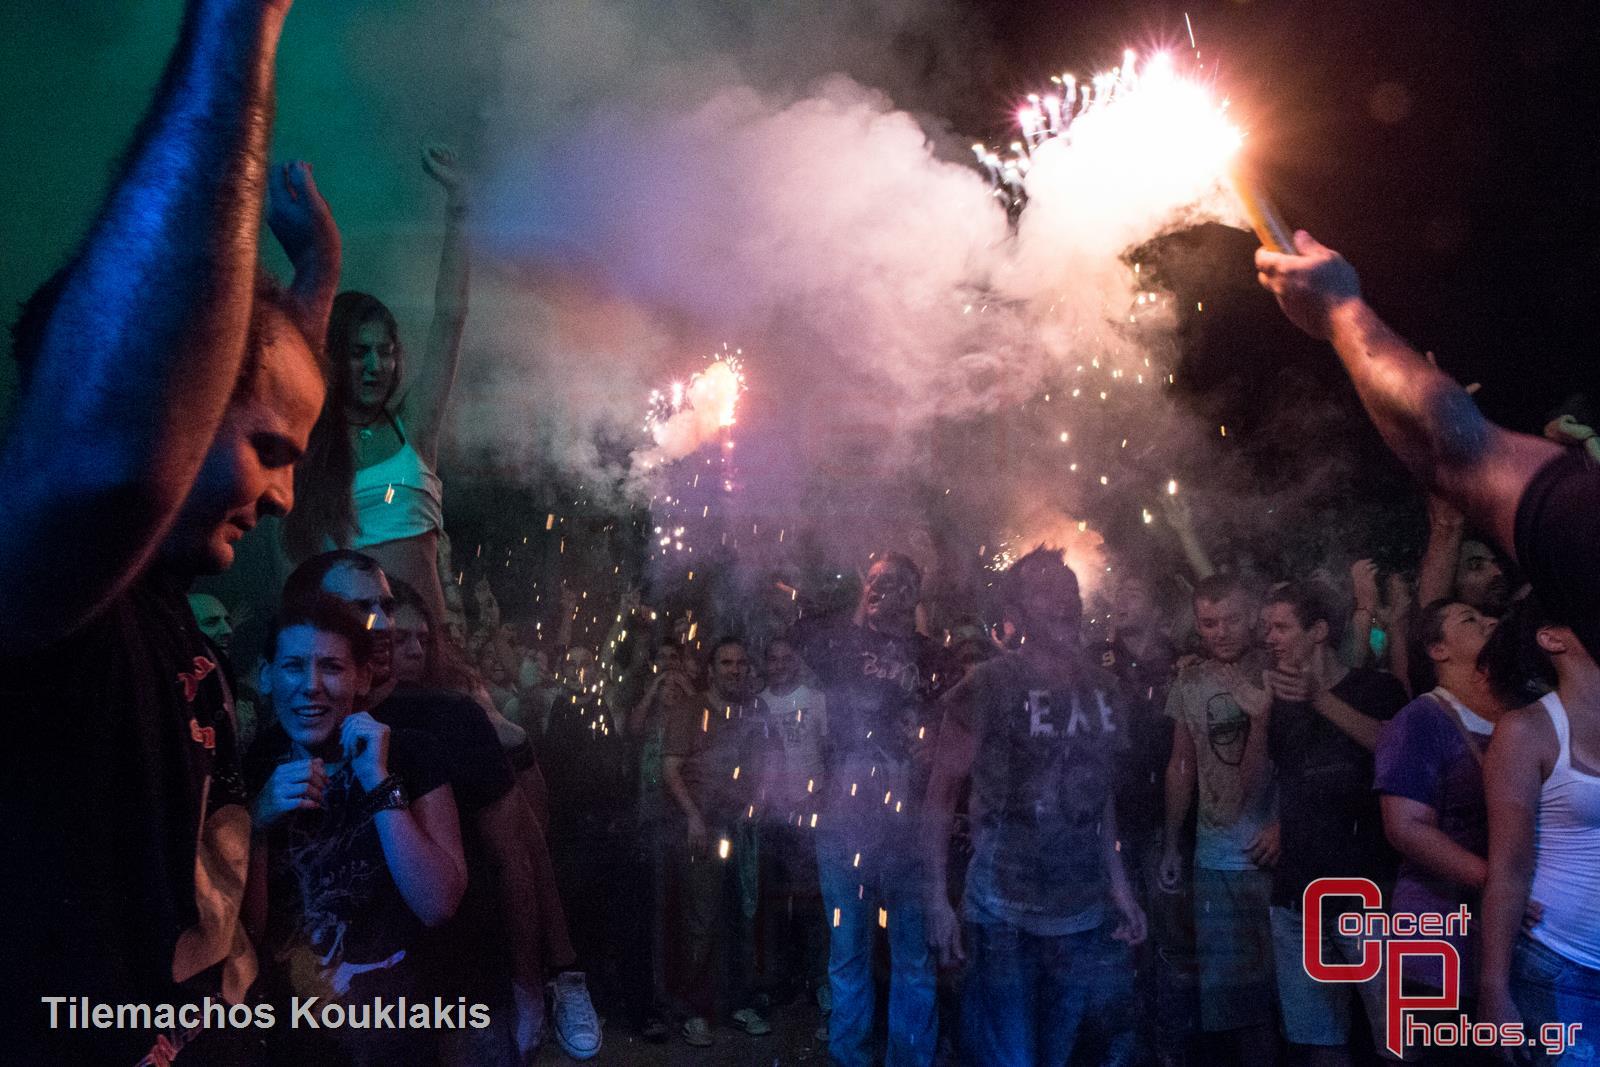 Βασίλης Παπακωνσταντίνου - 40 Χρόνια Έφηβος-Vasilis Papakonstantinou 40 Chronia Efivos photographer: Tilemachos Kouklakis - concertphotos_-5055